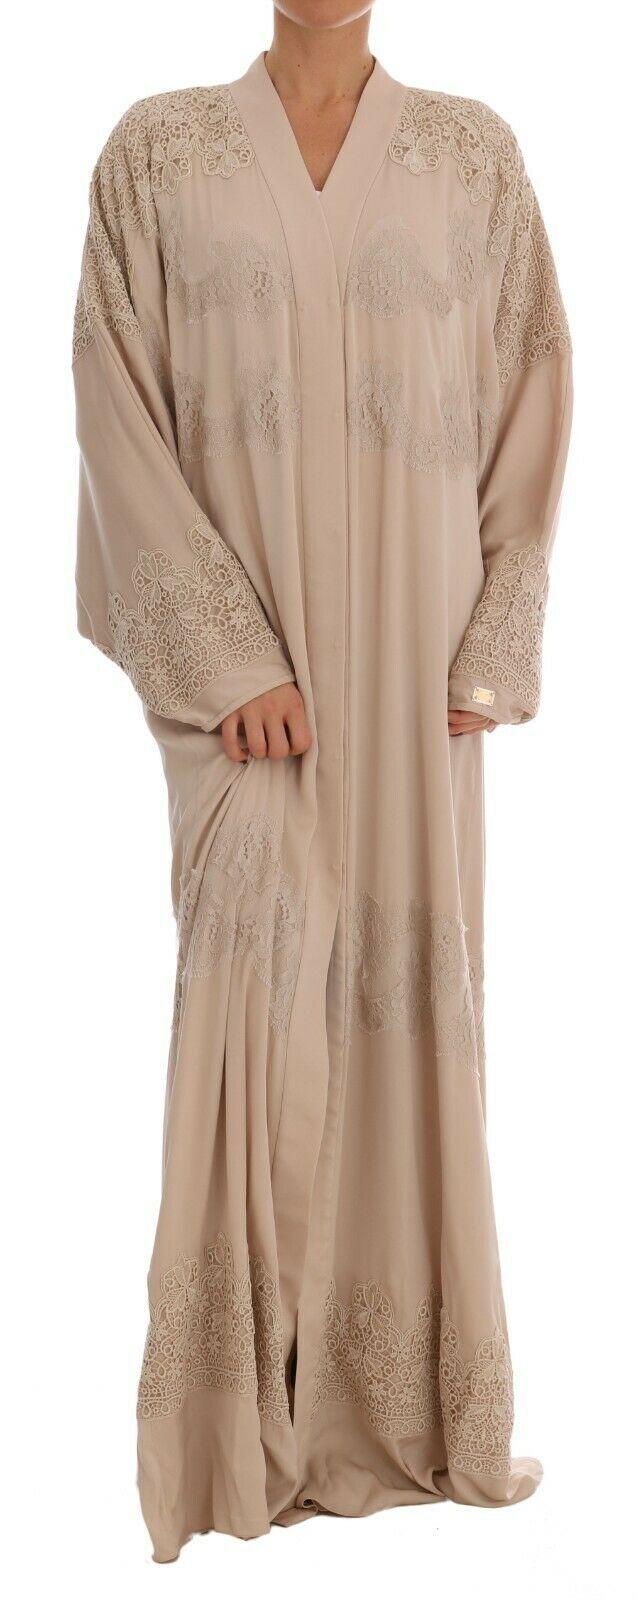 Dolce & Gabbana Women's Silk Ricamo Kaftan Abaya Dress Beige DR1396 - IT40   M